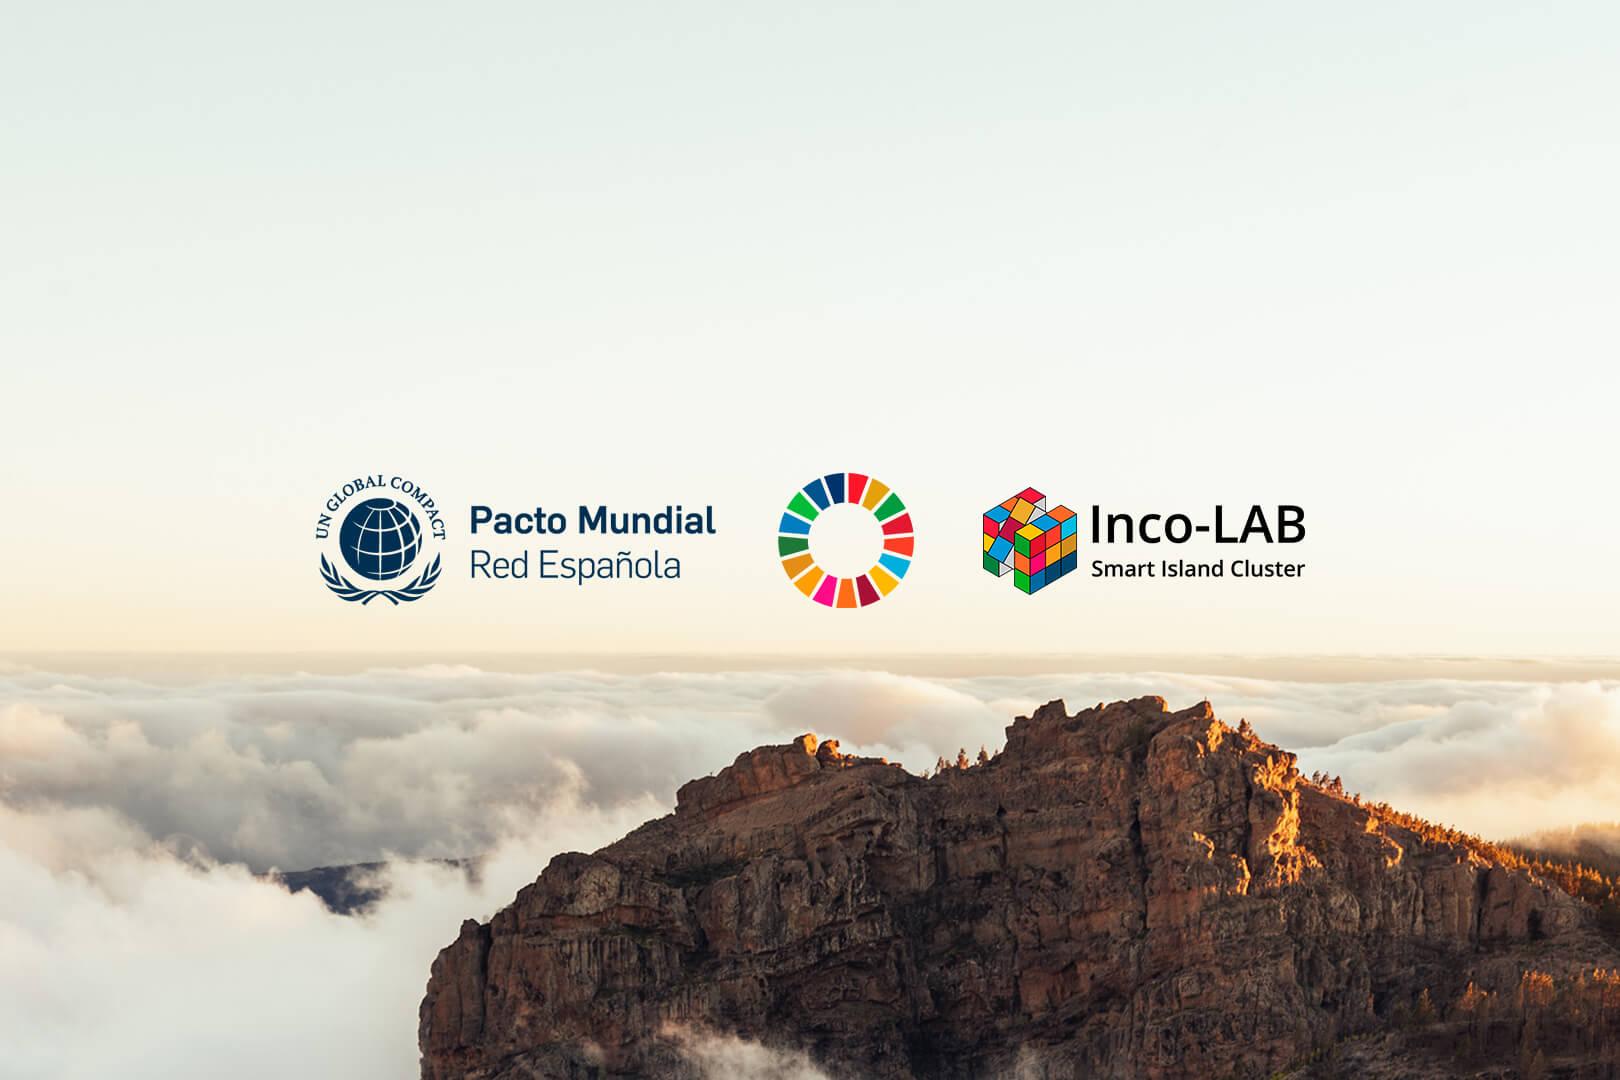 Inco-LAB Smart Island Cluster se convierte en socio del Pacto Mundial de las Naciones Unidas